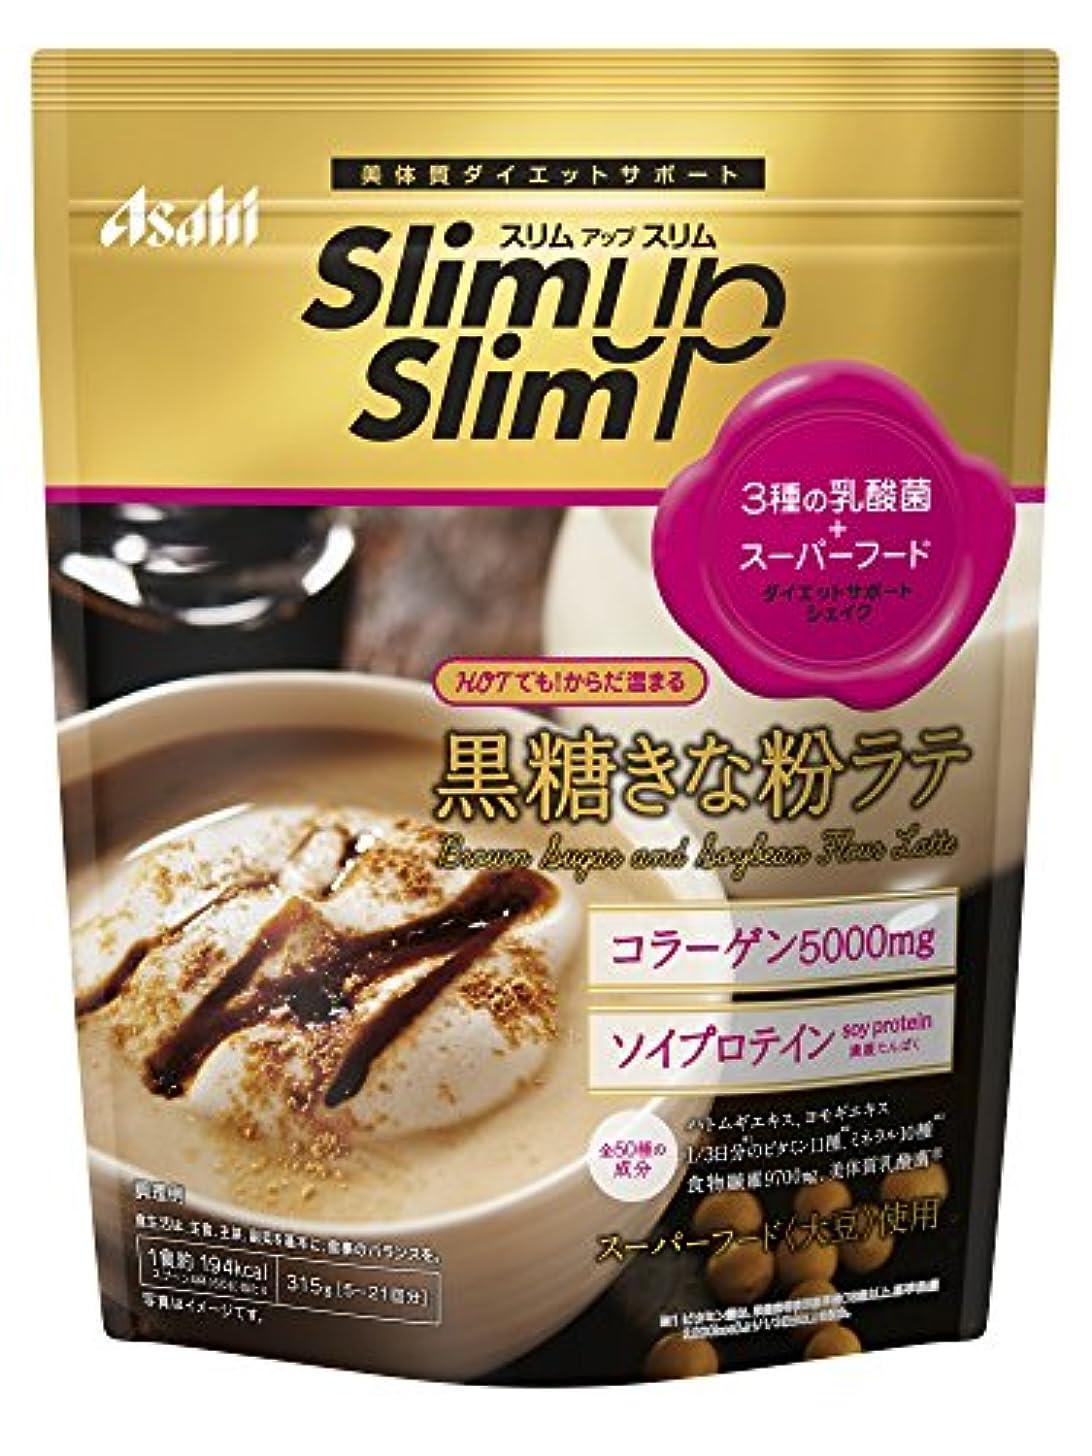 怖い噴出する蒸発アサヒグループ食品 スリムアップスリム 乳酸菌+スーパーフードシェイク 黒糖きな粉ラテ 315g